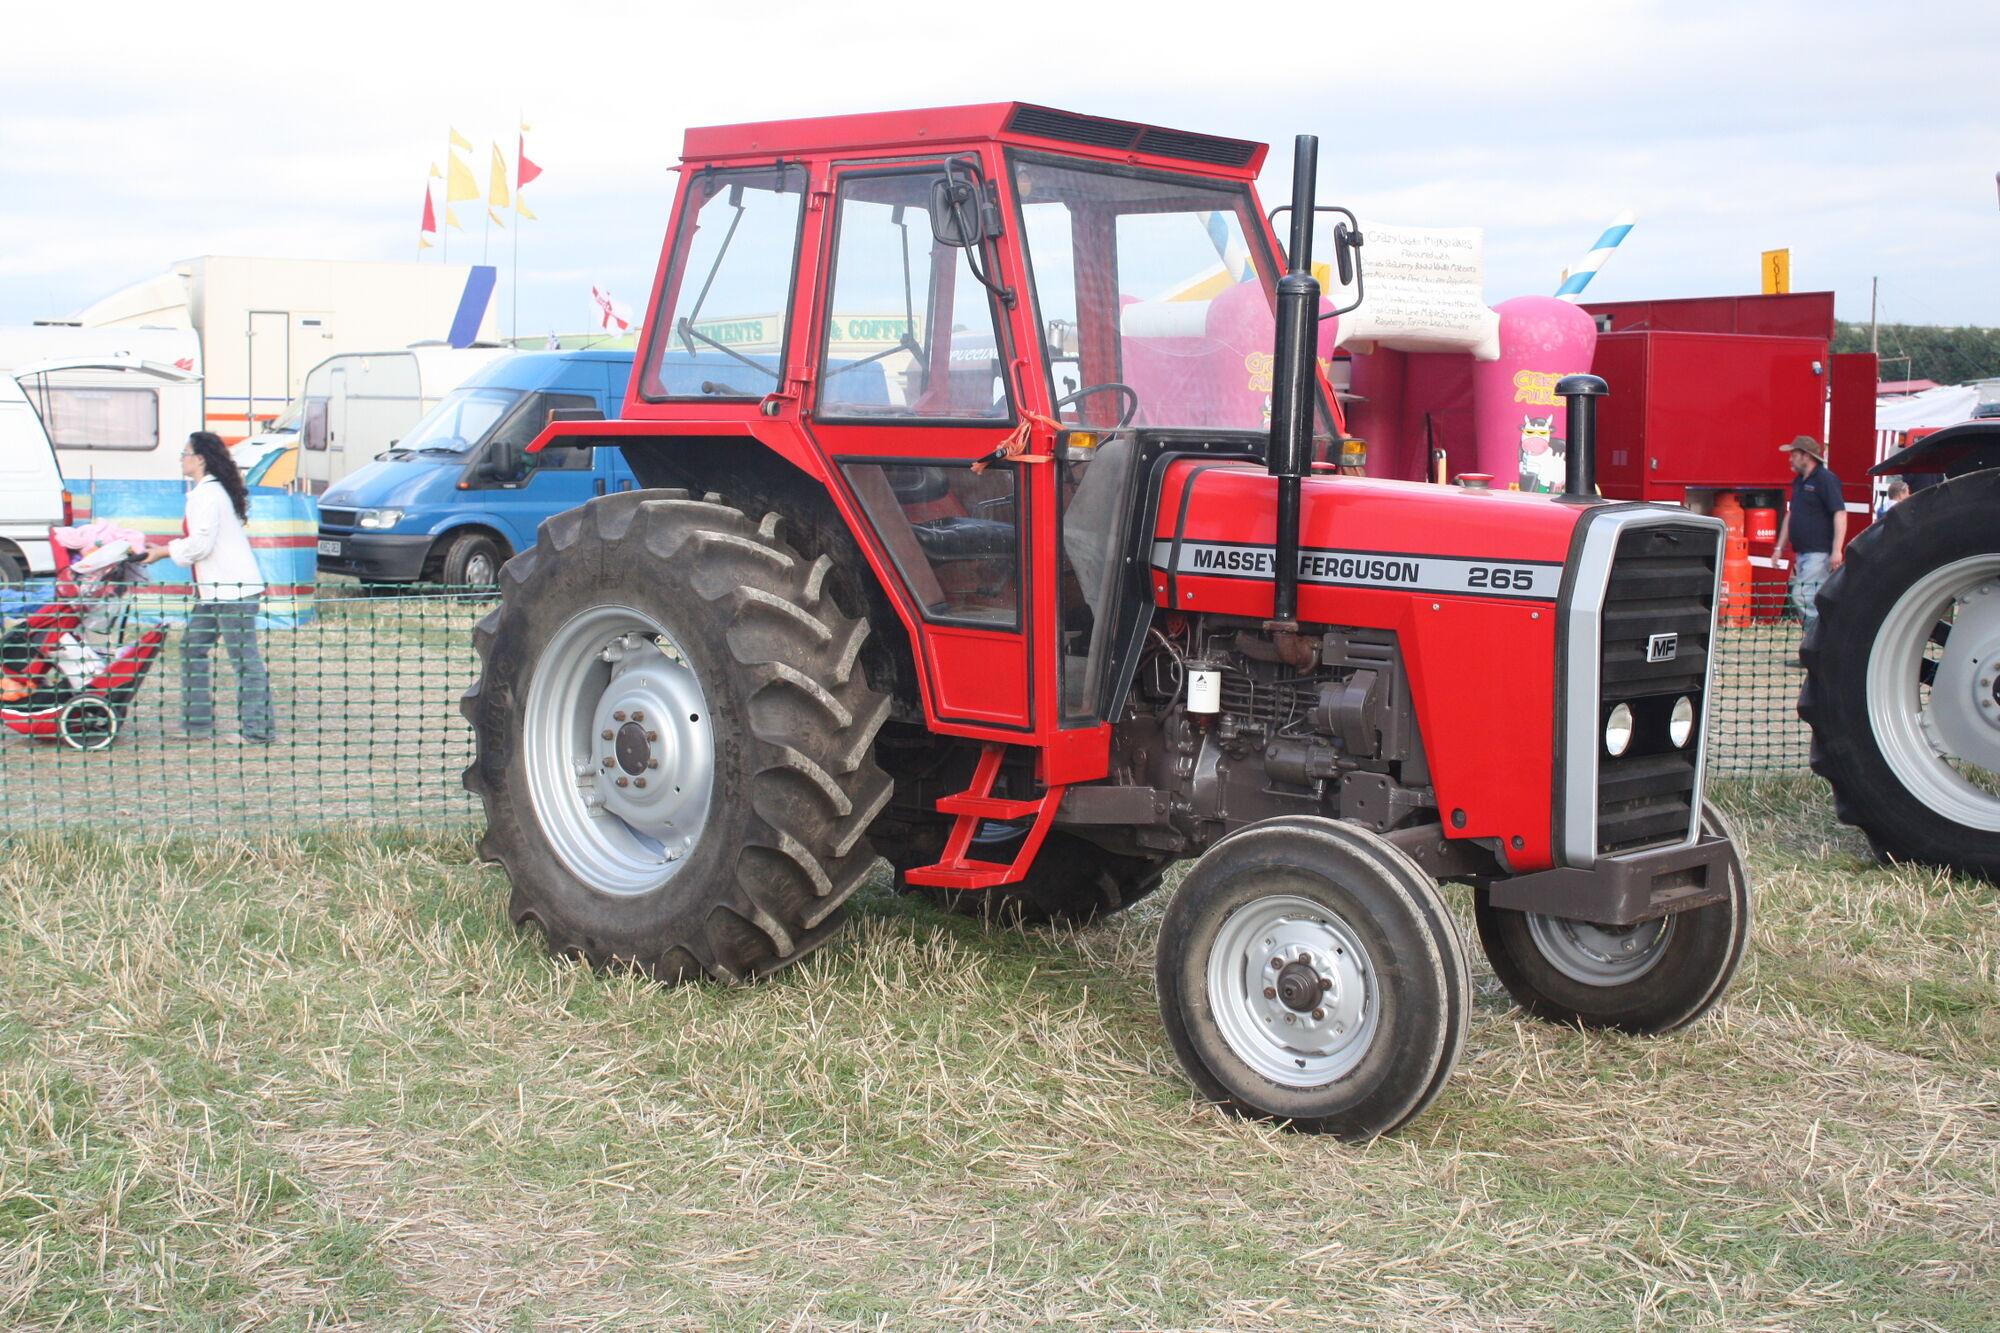 tractors.fandom.com